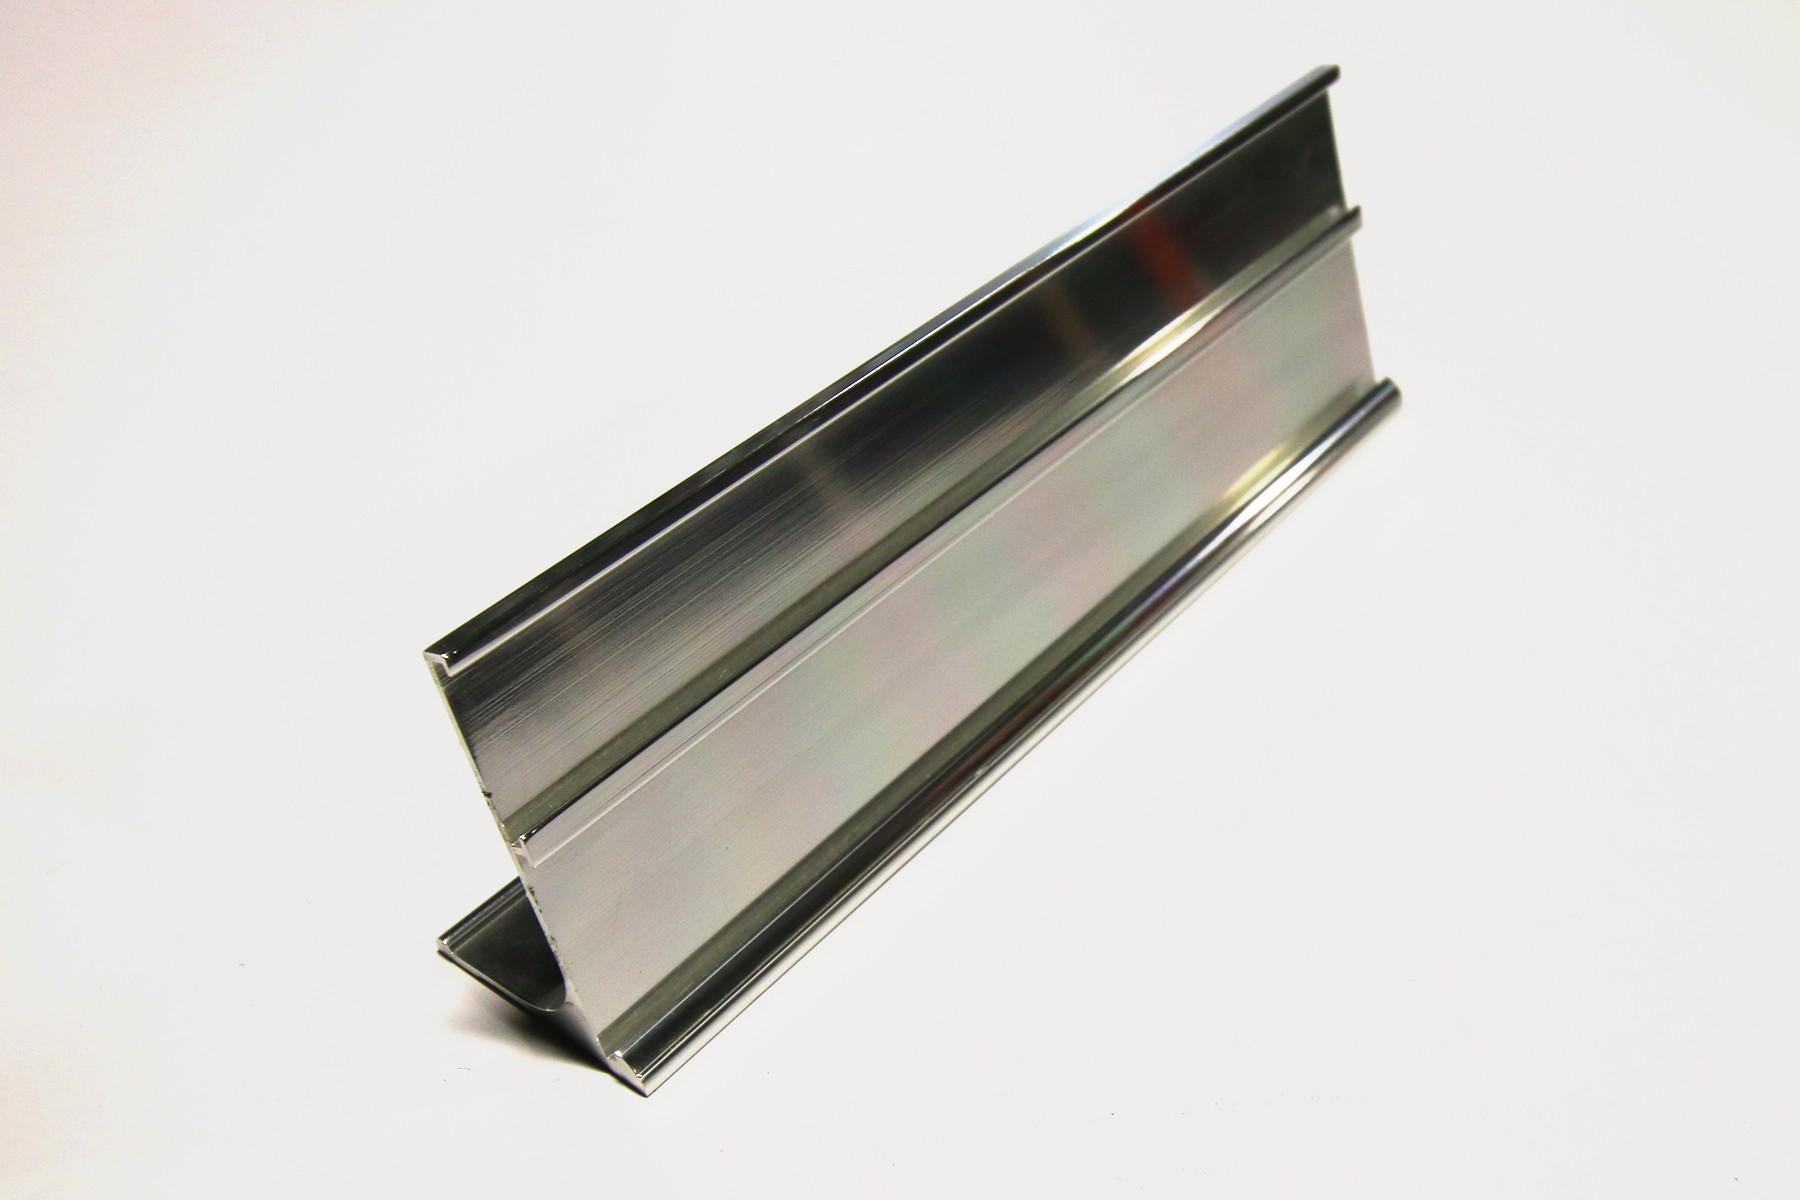 1 & 1-1/4 x 8 Multi-Desk Holder, Silver